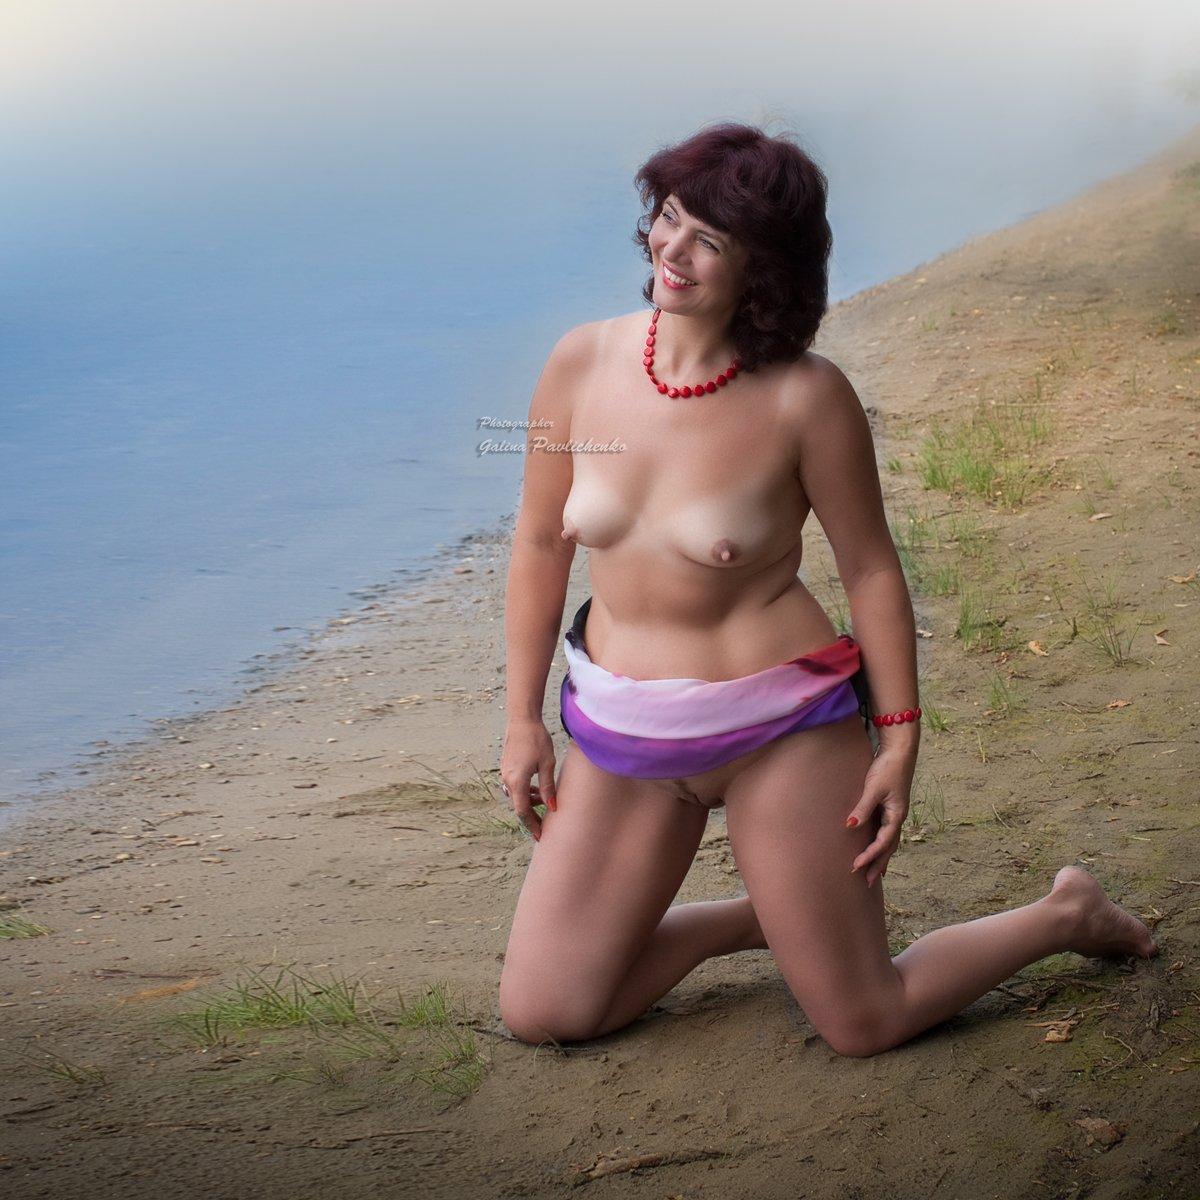 женщина, ню, обнажённое тело, река, улыбка, эротика, Галя